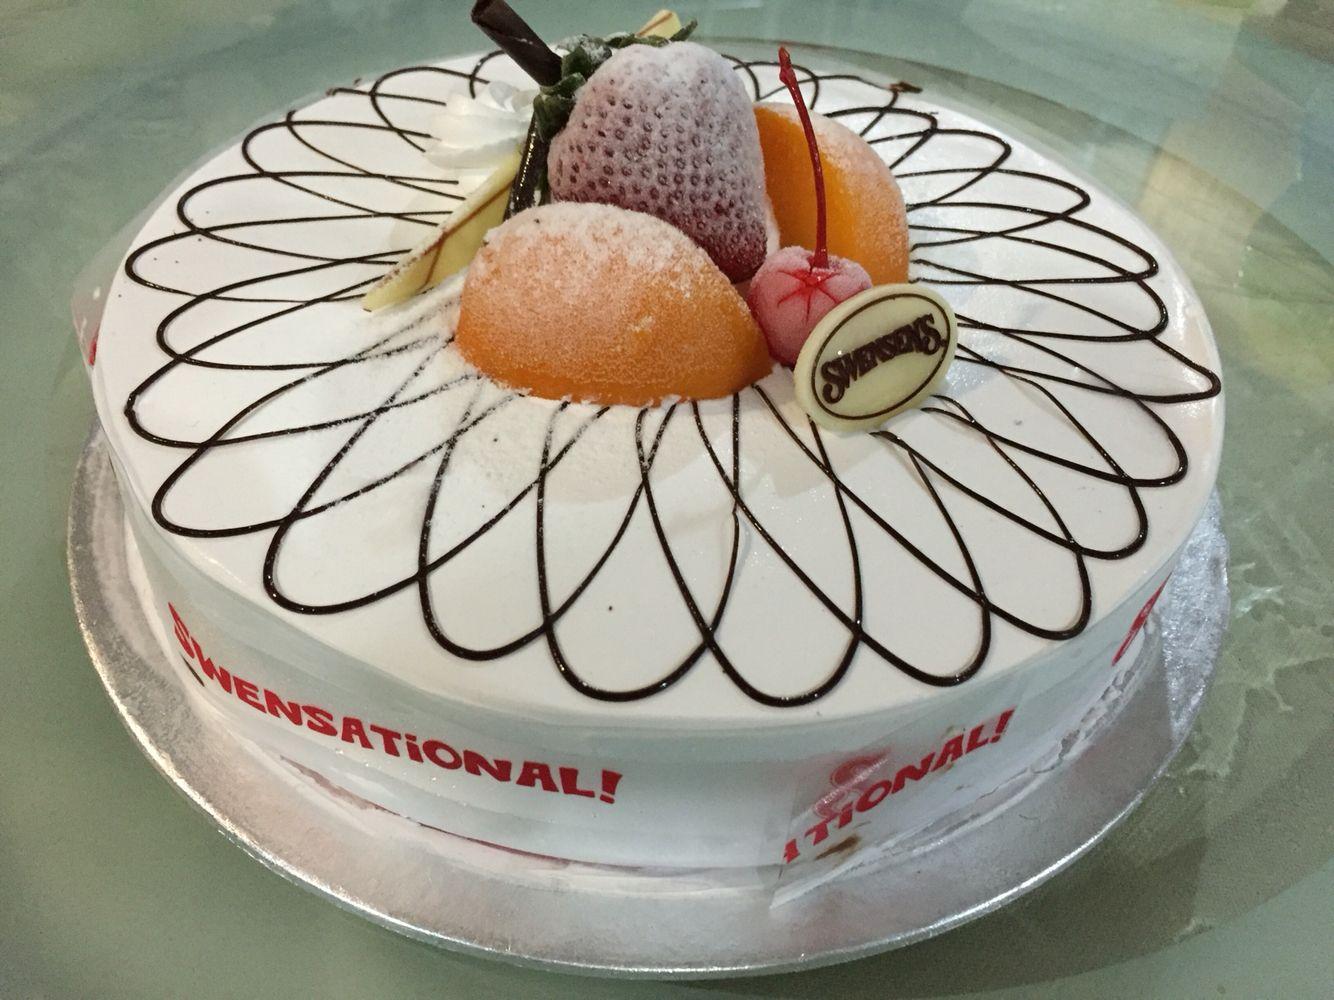 swensen ice cream cake design Cakes  Swensen Ice Cream cake #S1 #cakes  Ice cream cake